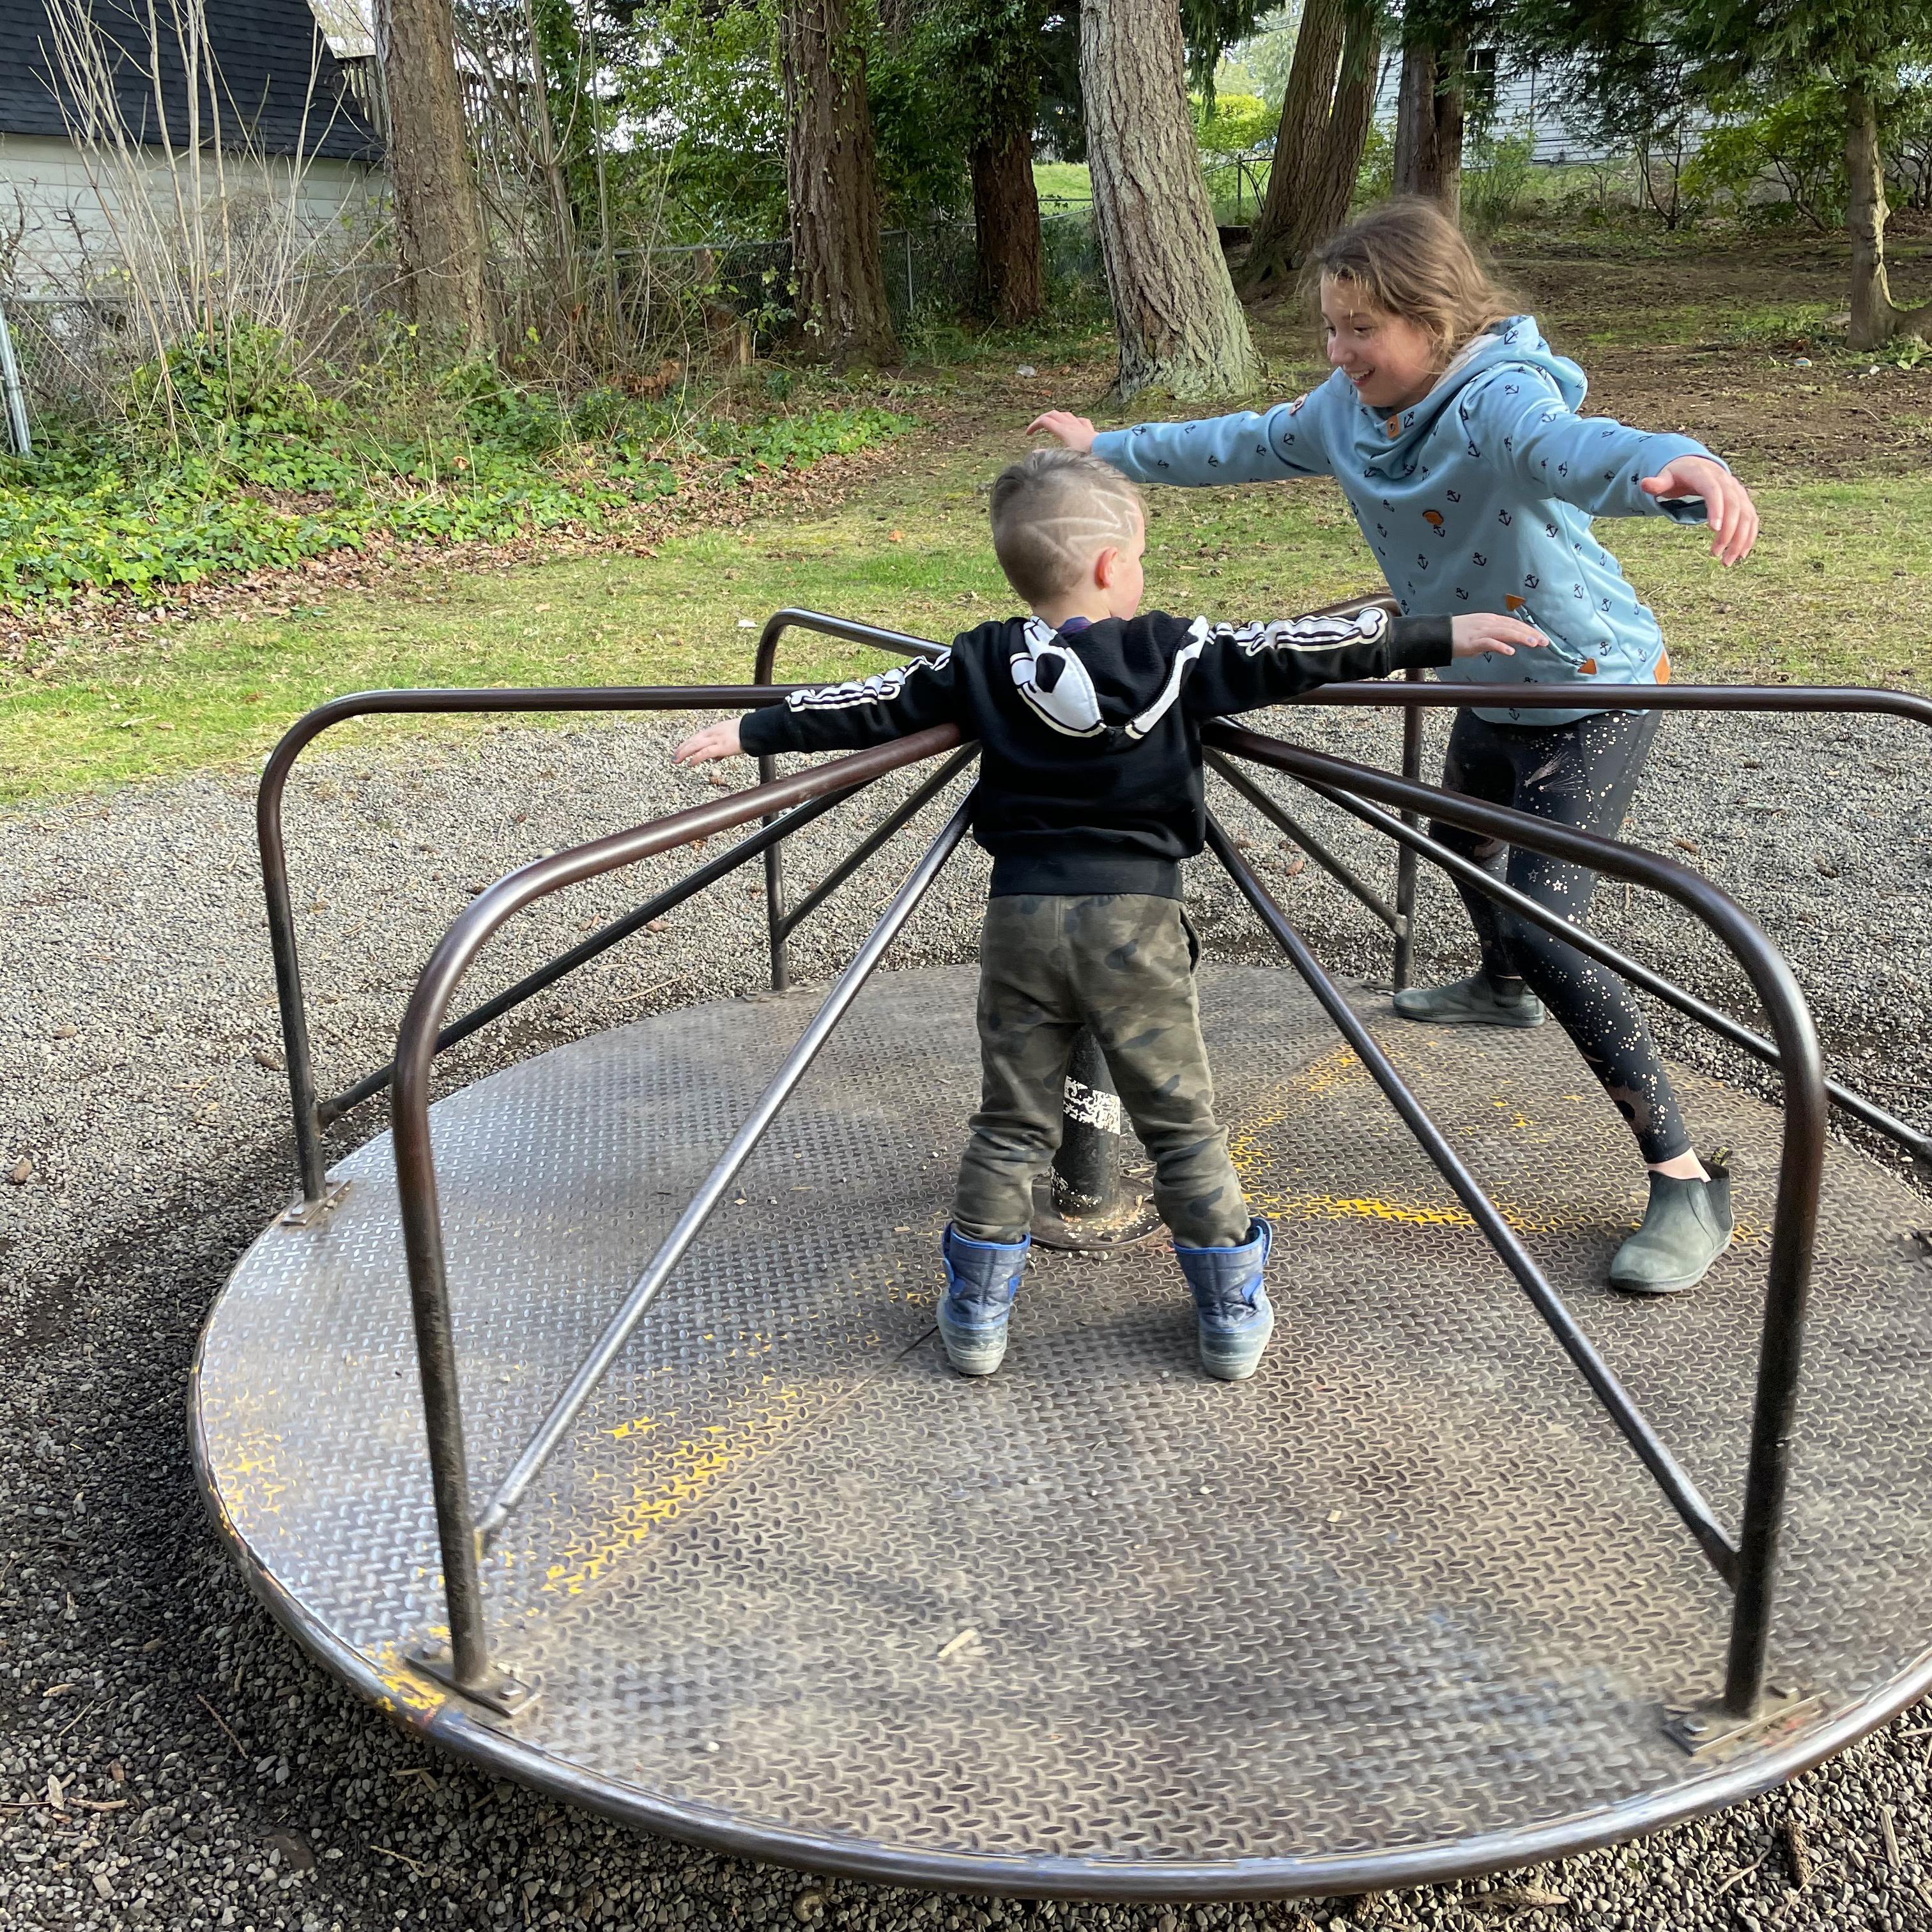 Griffin & Ella having a blast at Huddlestone Park